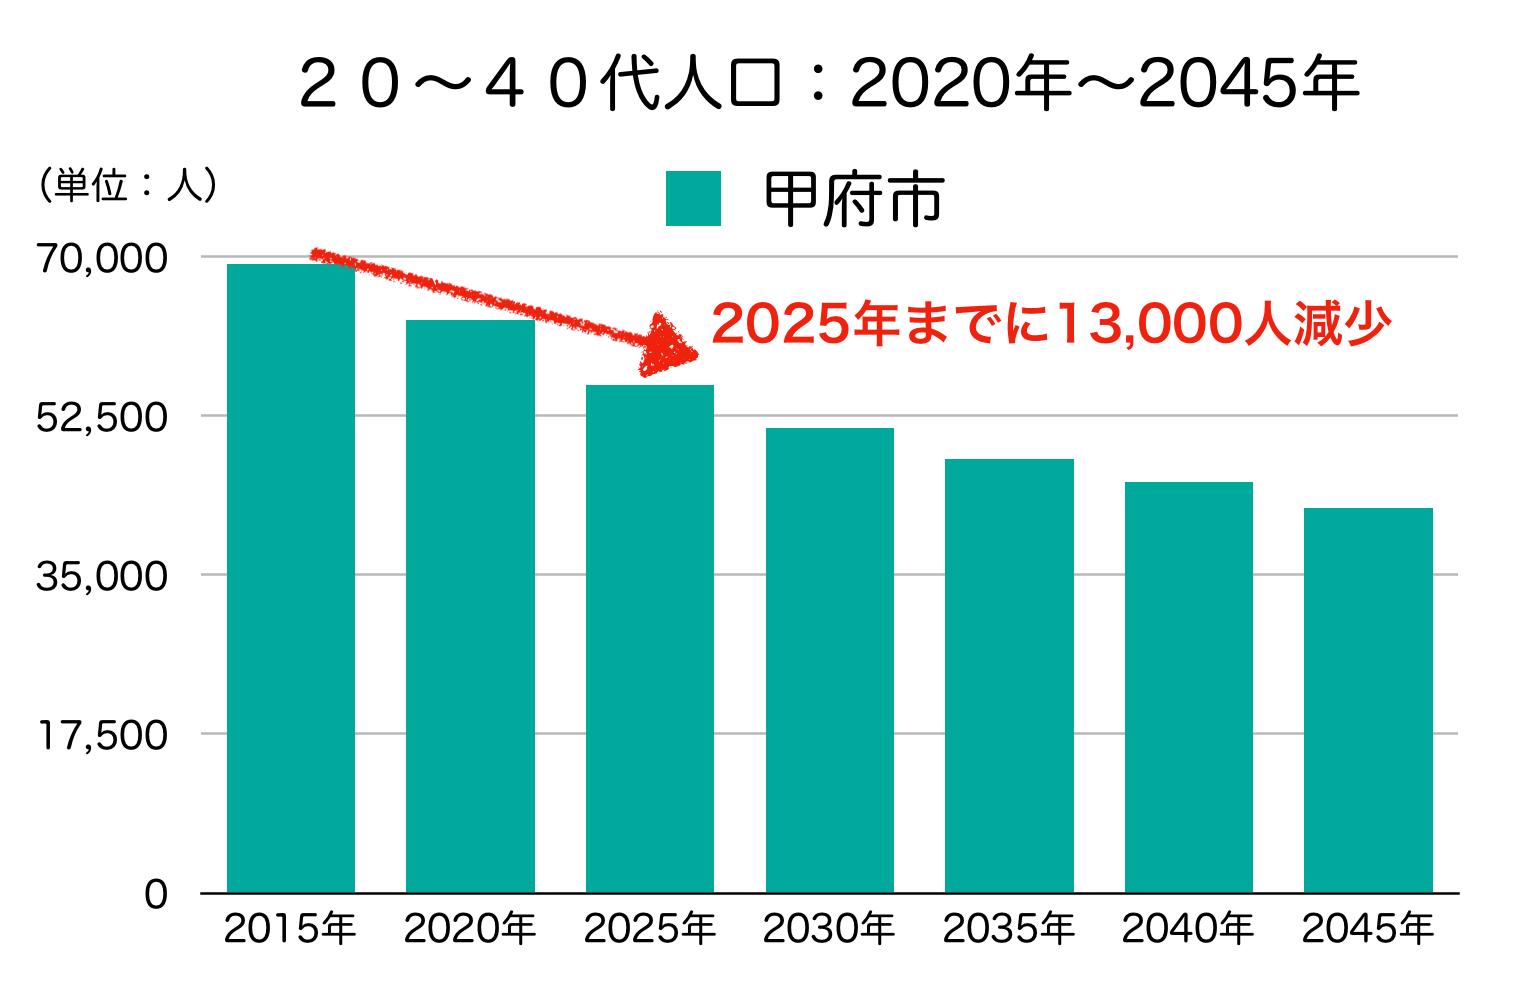 甲府市の20〜40代人口の予測